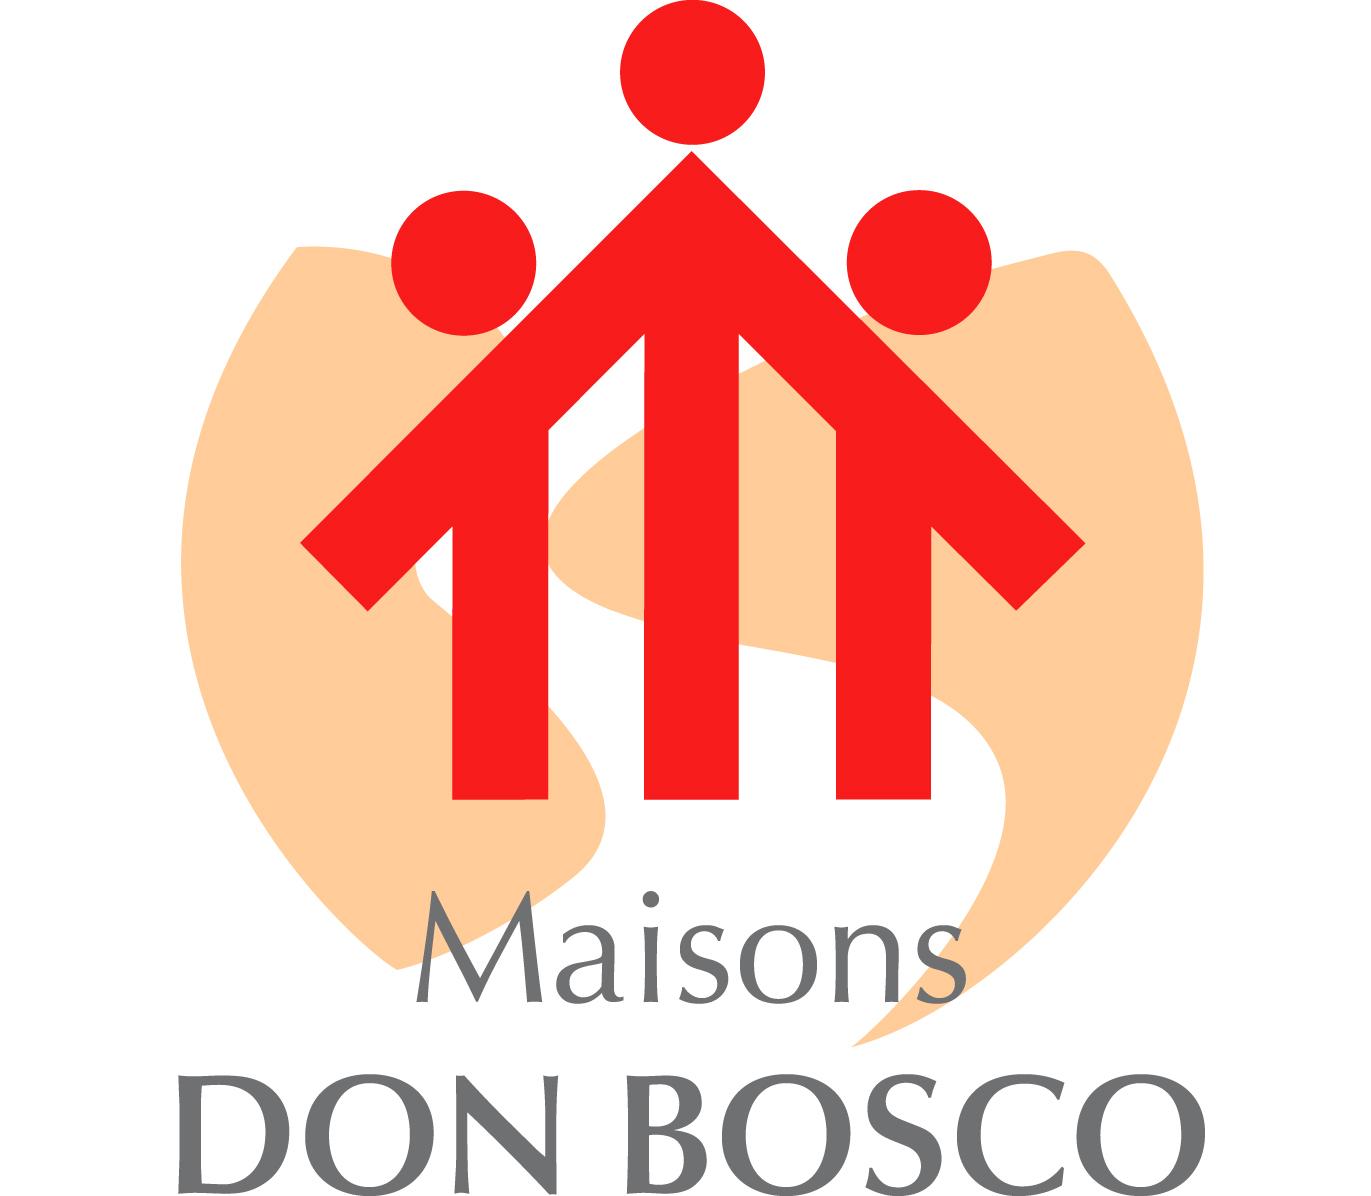 Maison DonBosco